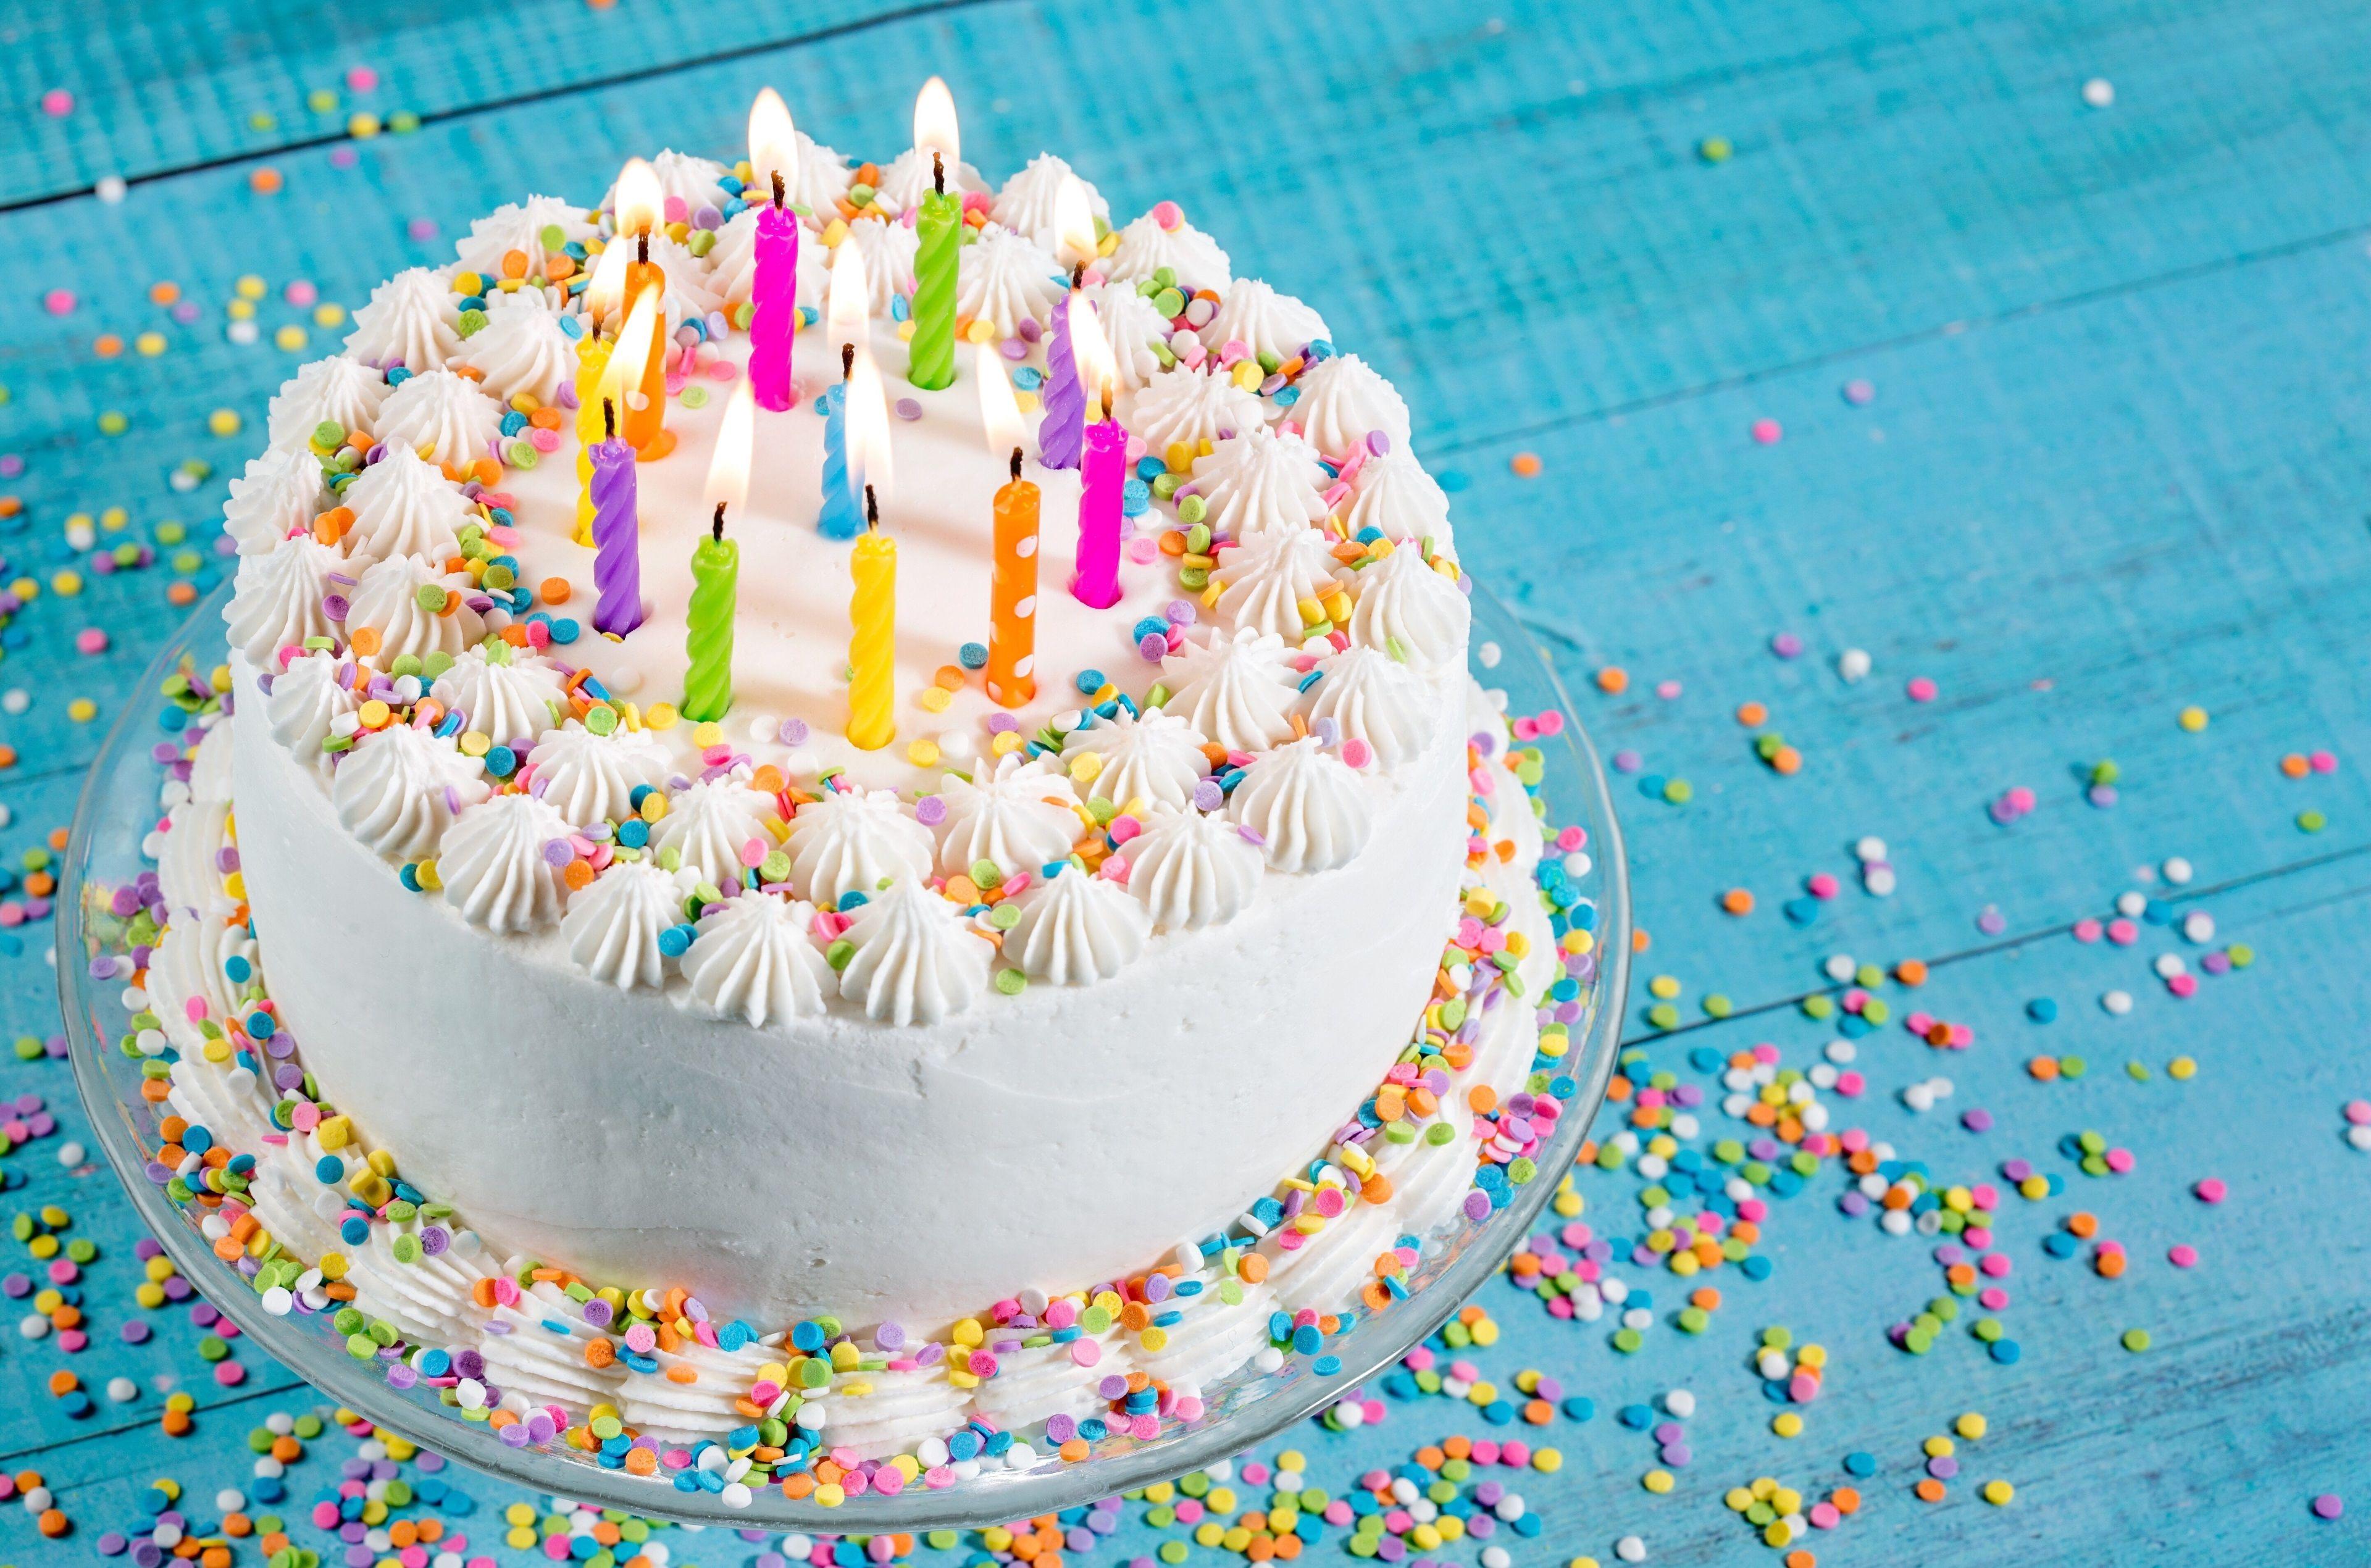 誕生日ケーキの背景 誕生日ケーキの壁紙無料ダウンロード 3840x2540 Wallpapertip